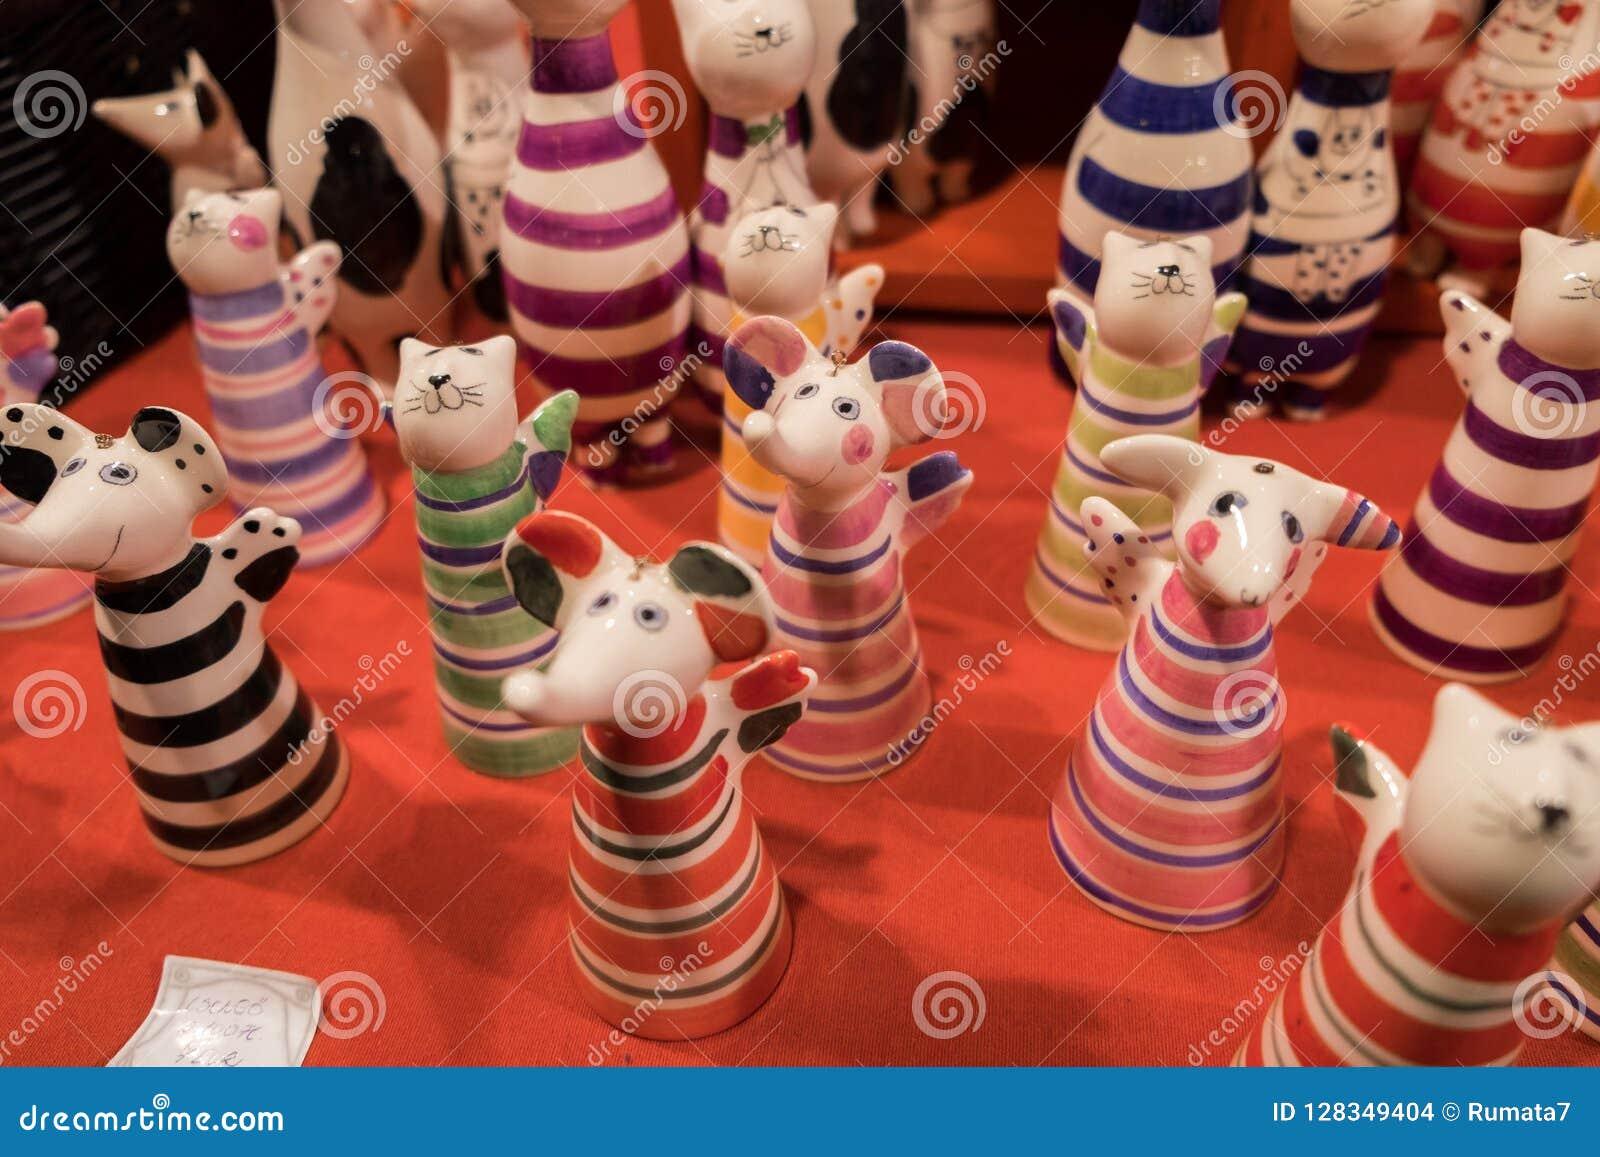 Roliga keramiska katter och till salu mousesstatyetter